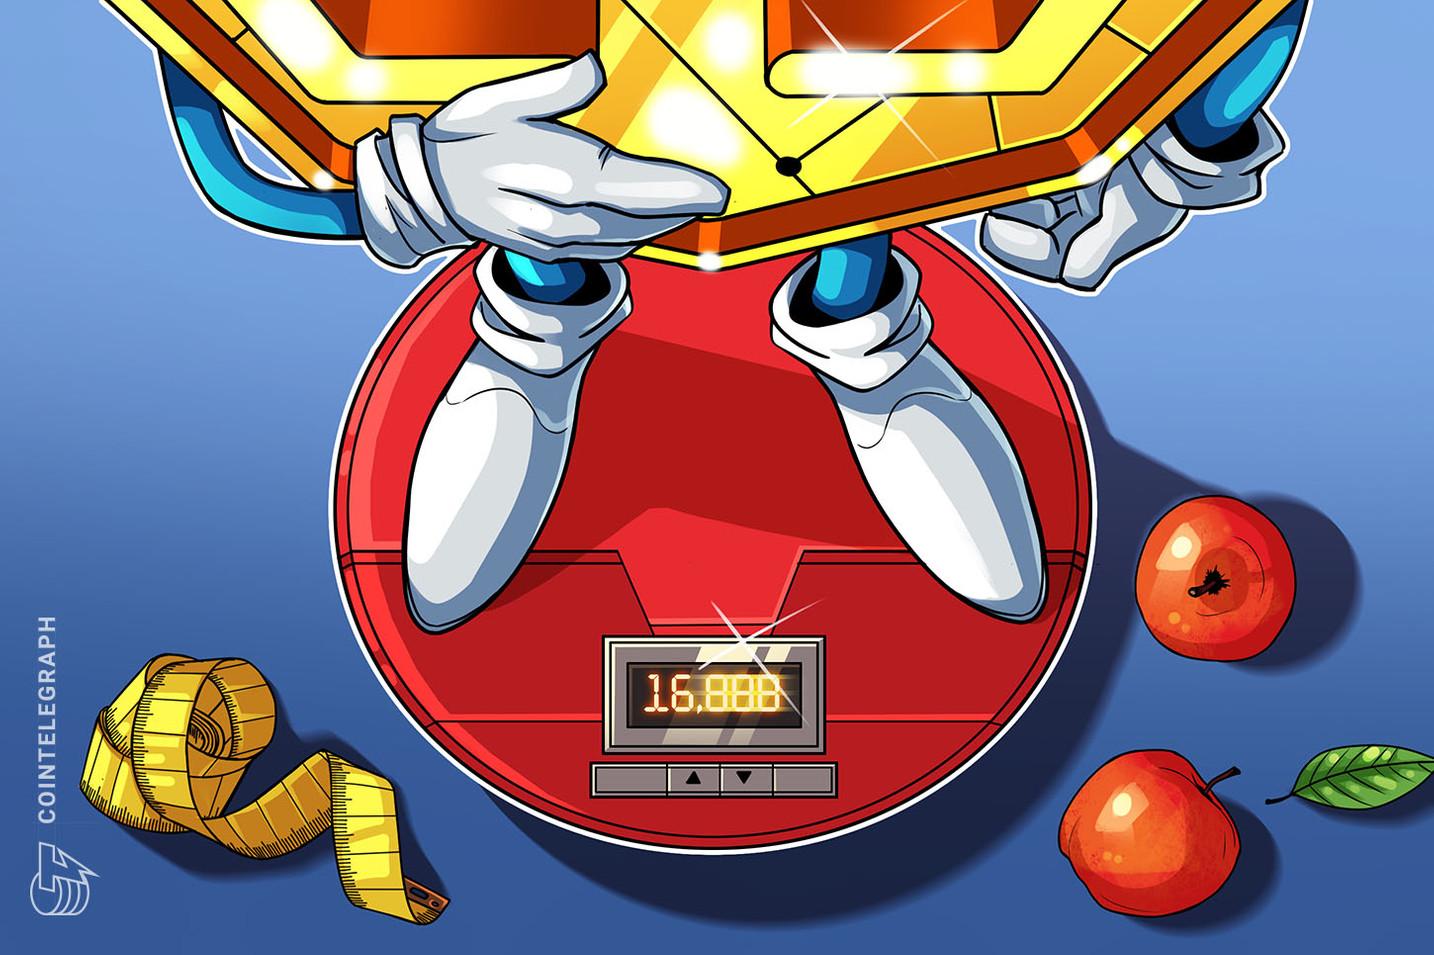 Juegos inflacionarios: Bitcoin compite con el dinero fiat en términos de valor, pero carece de volumen